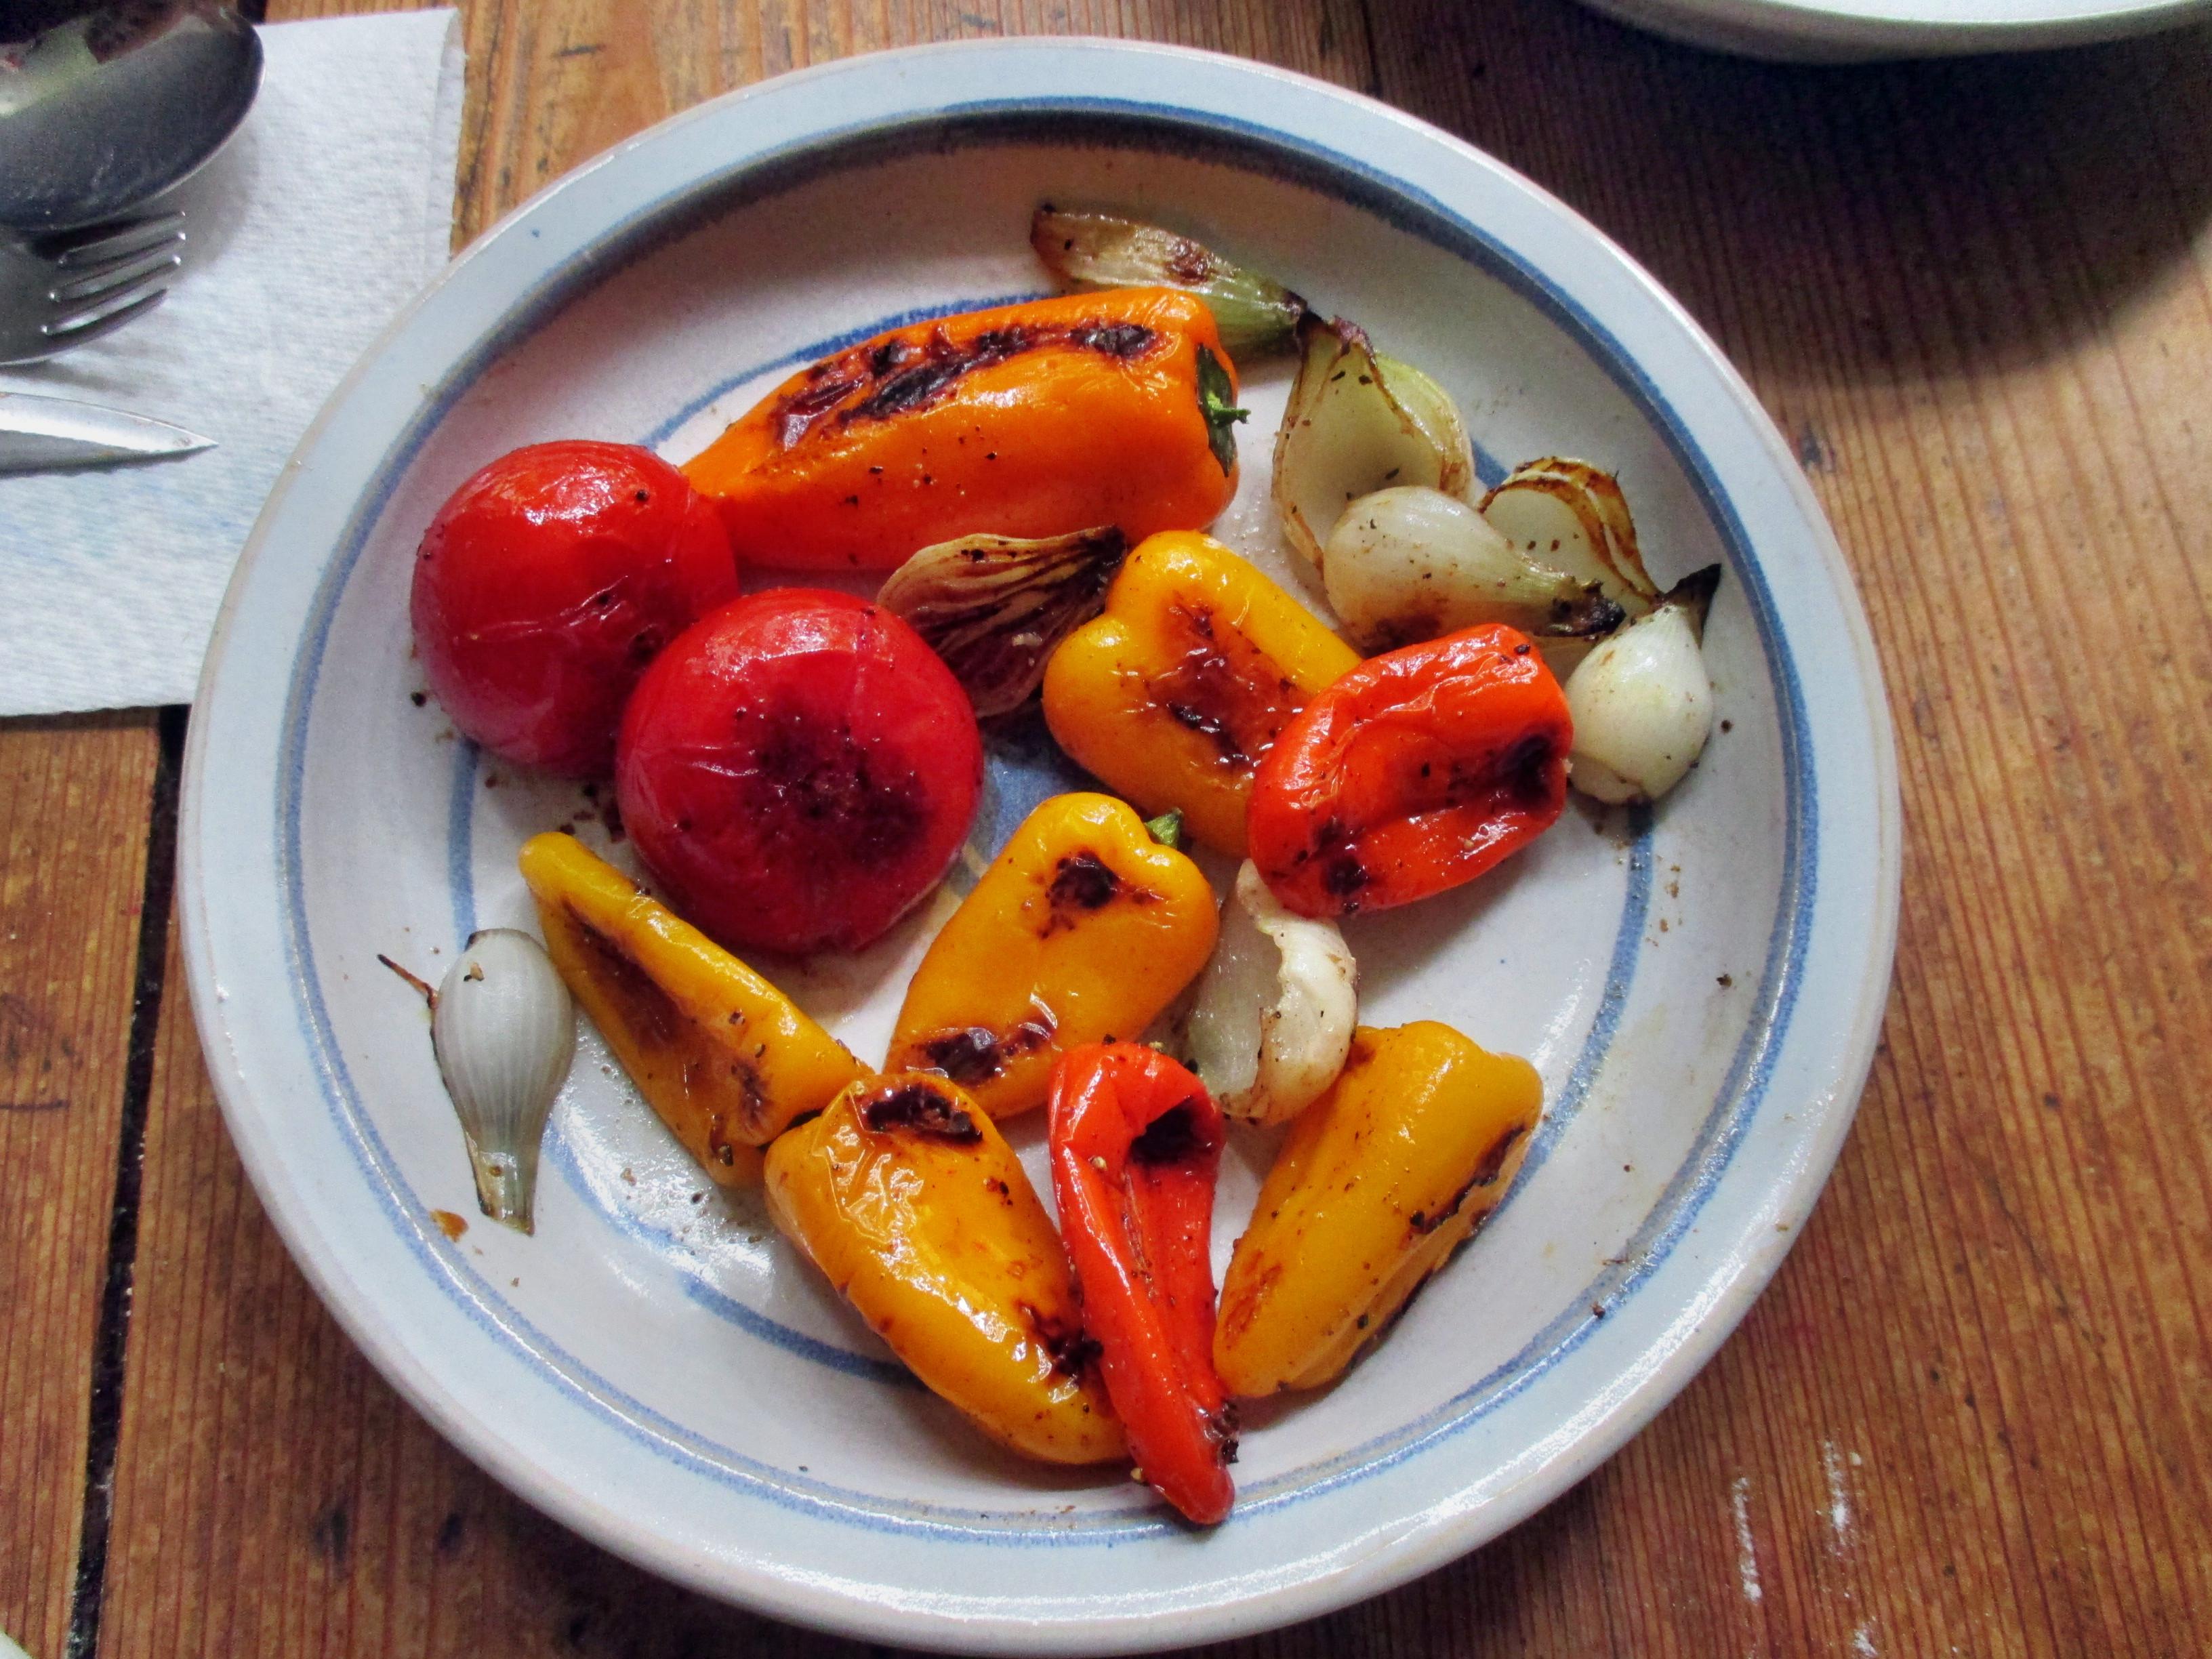 selbstgemachte Nudeln,Champignon,Bratpaprika,Salat -21.6.15   (9)